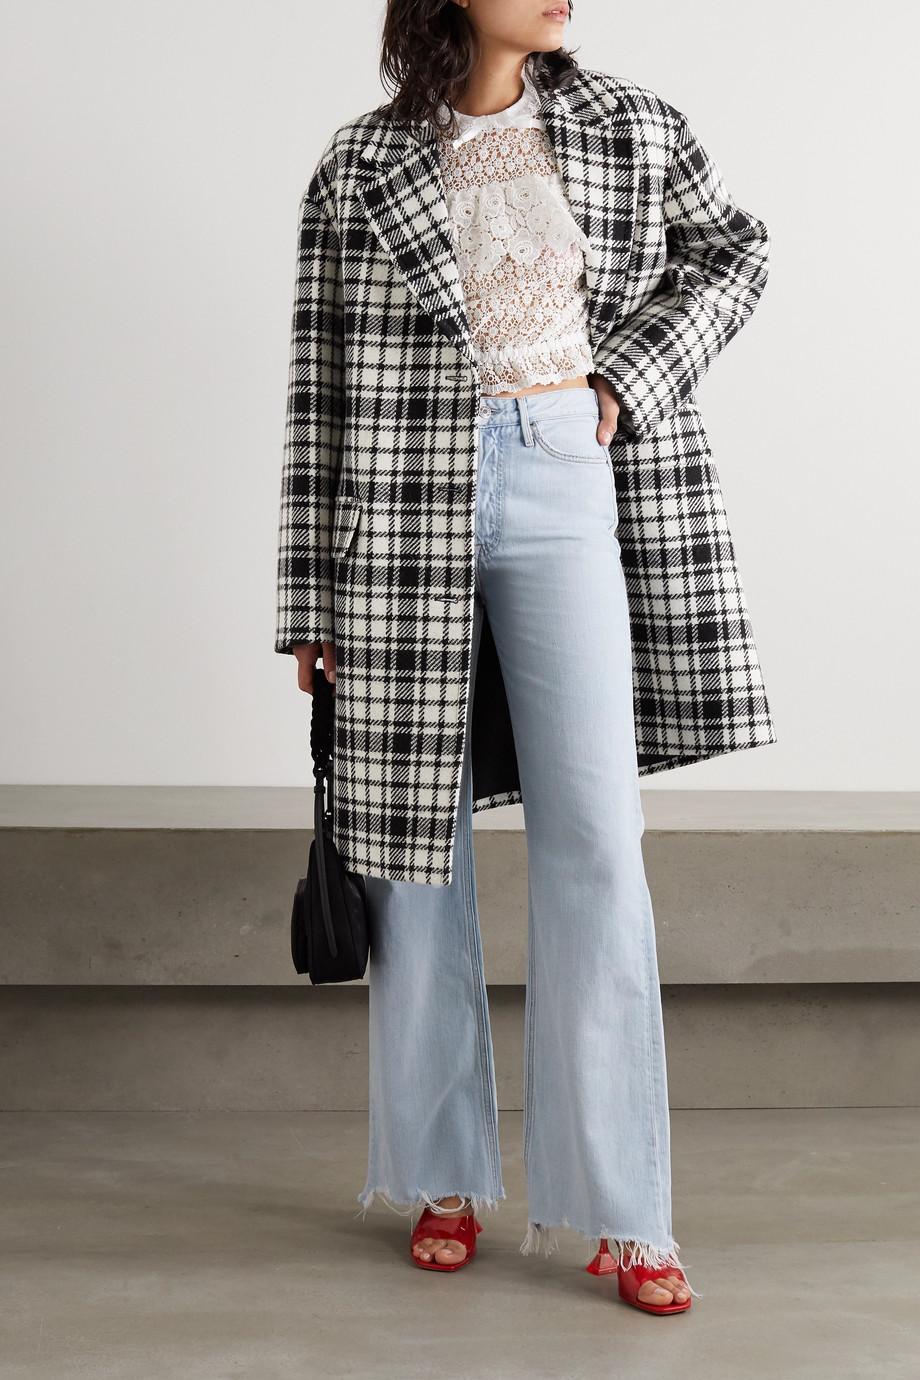 Miu Miu Karierter Mantel aus einer Wollmischung